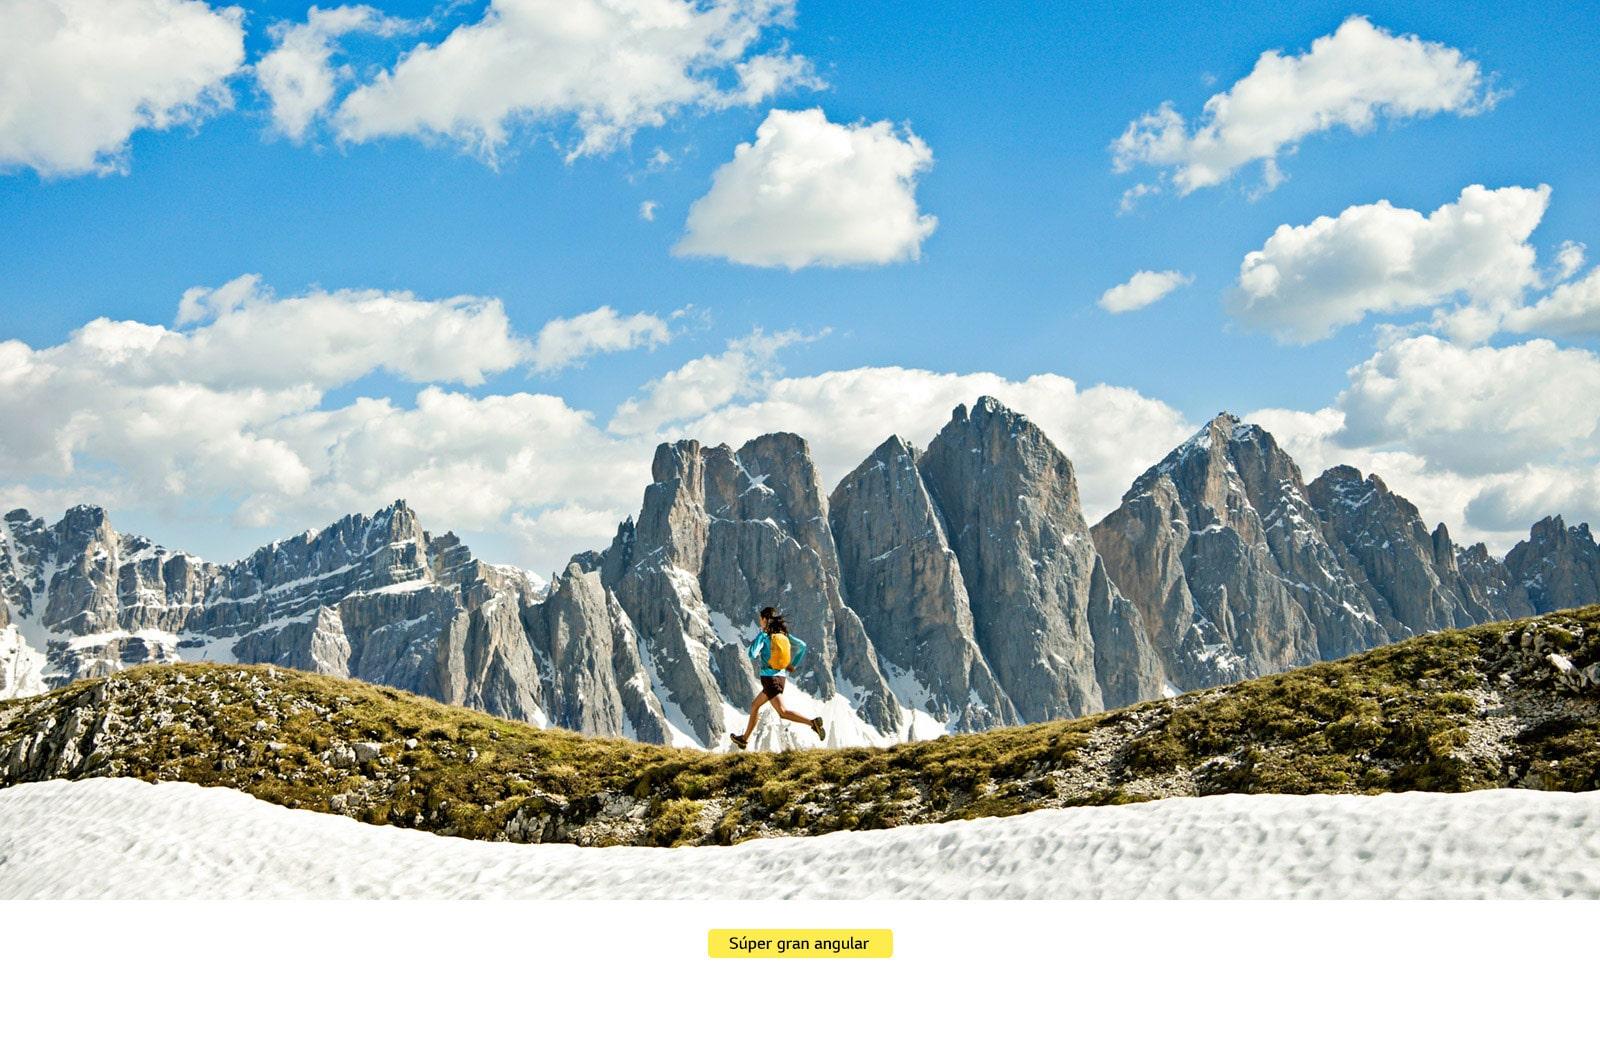 Mujer corriendo en un paisaje montañoso.